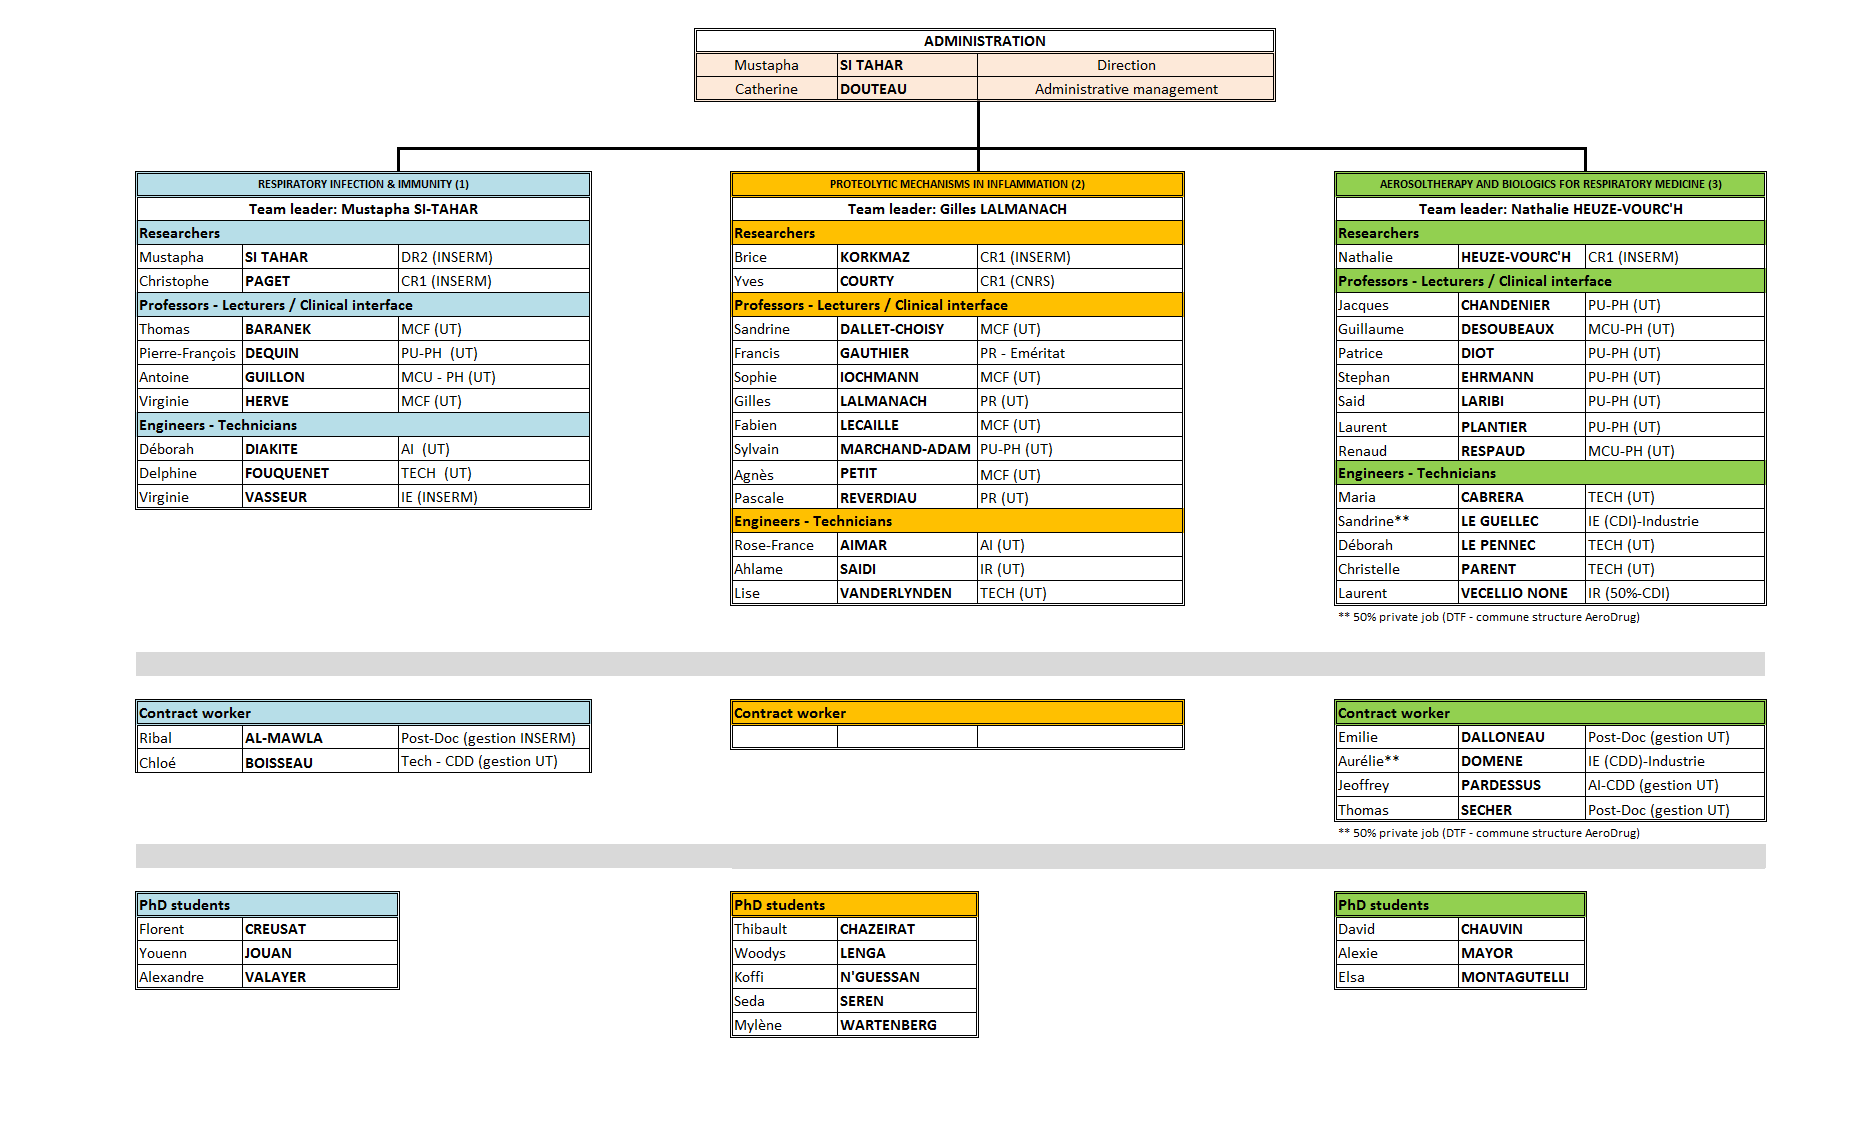 Organization chart 2018